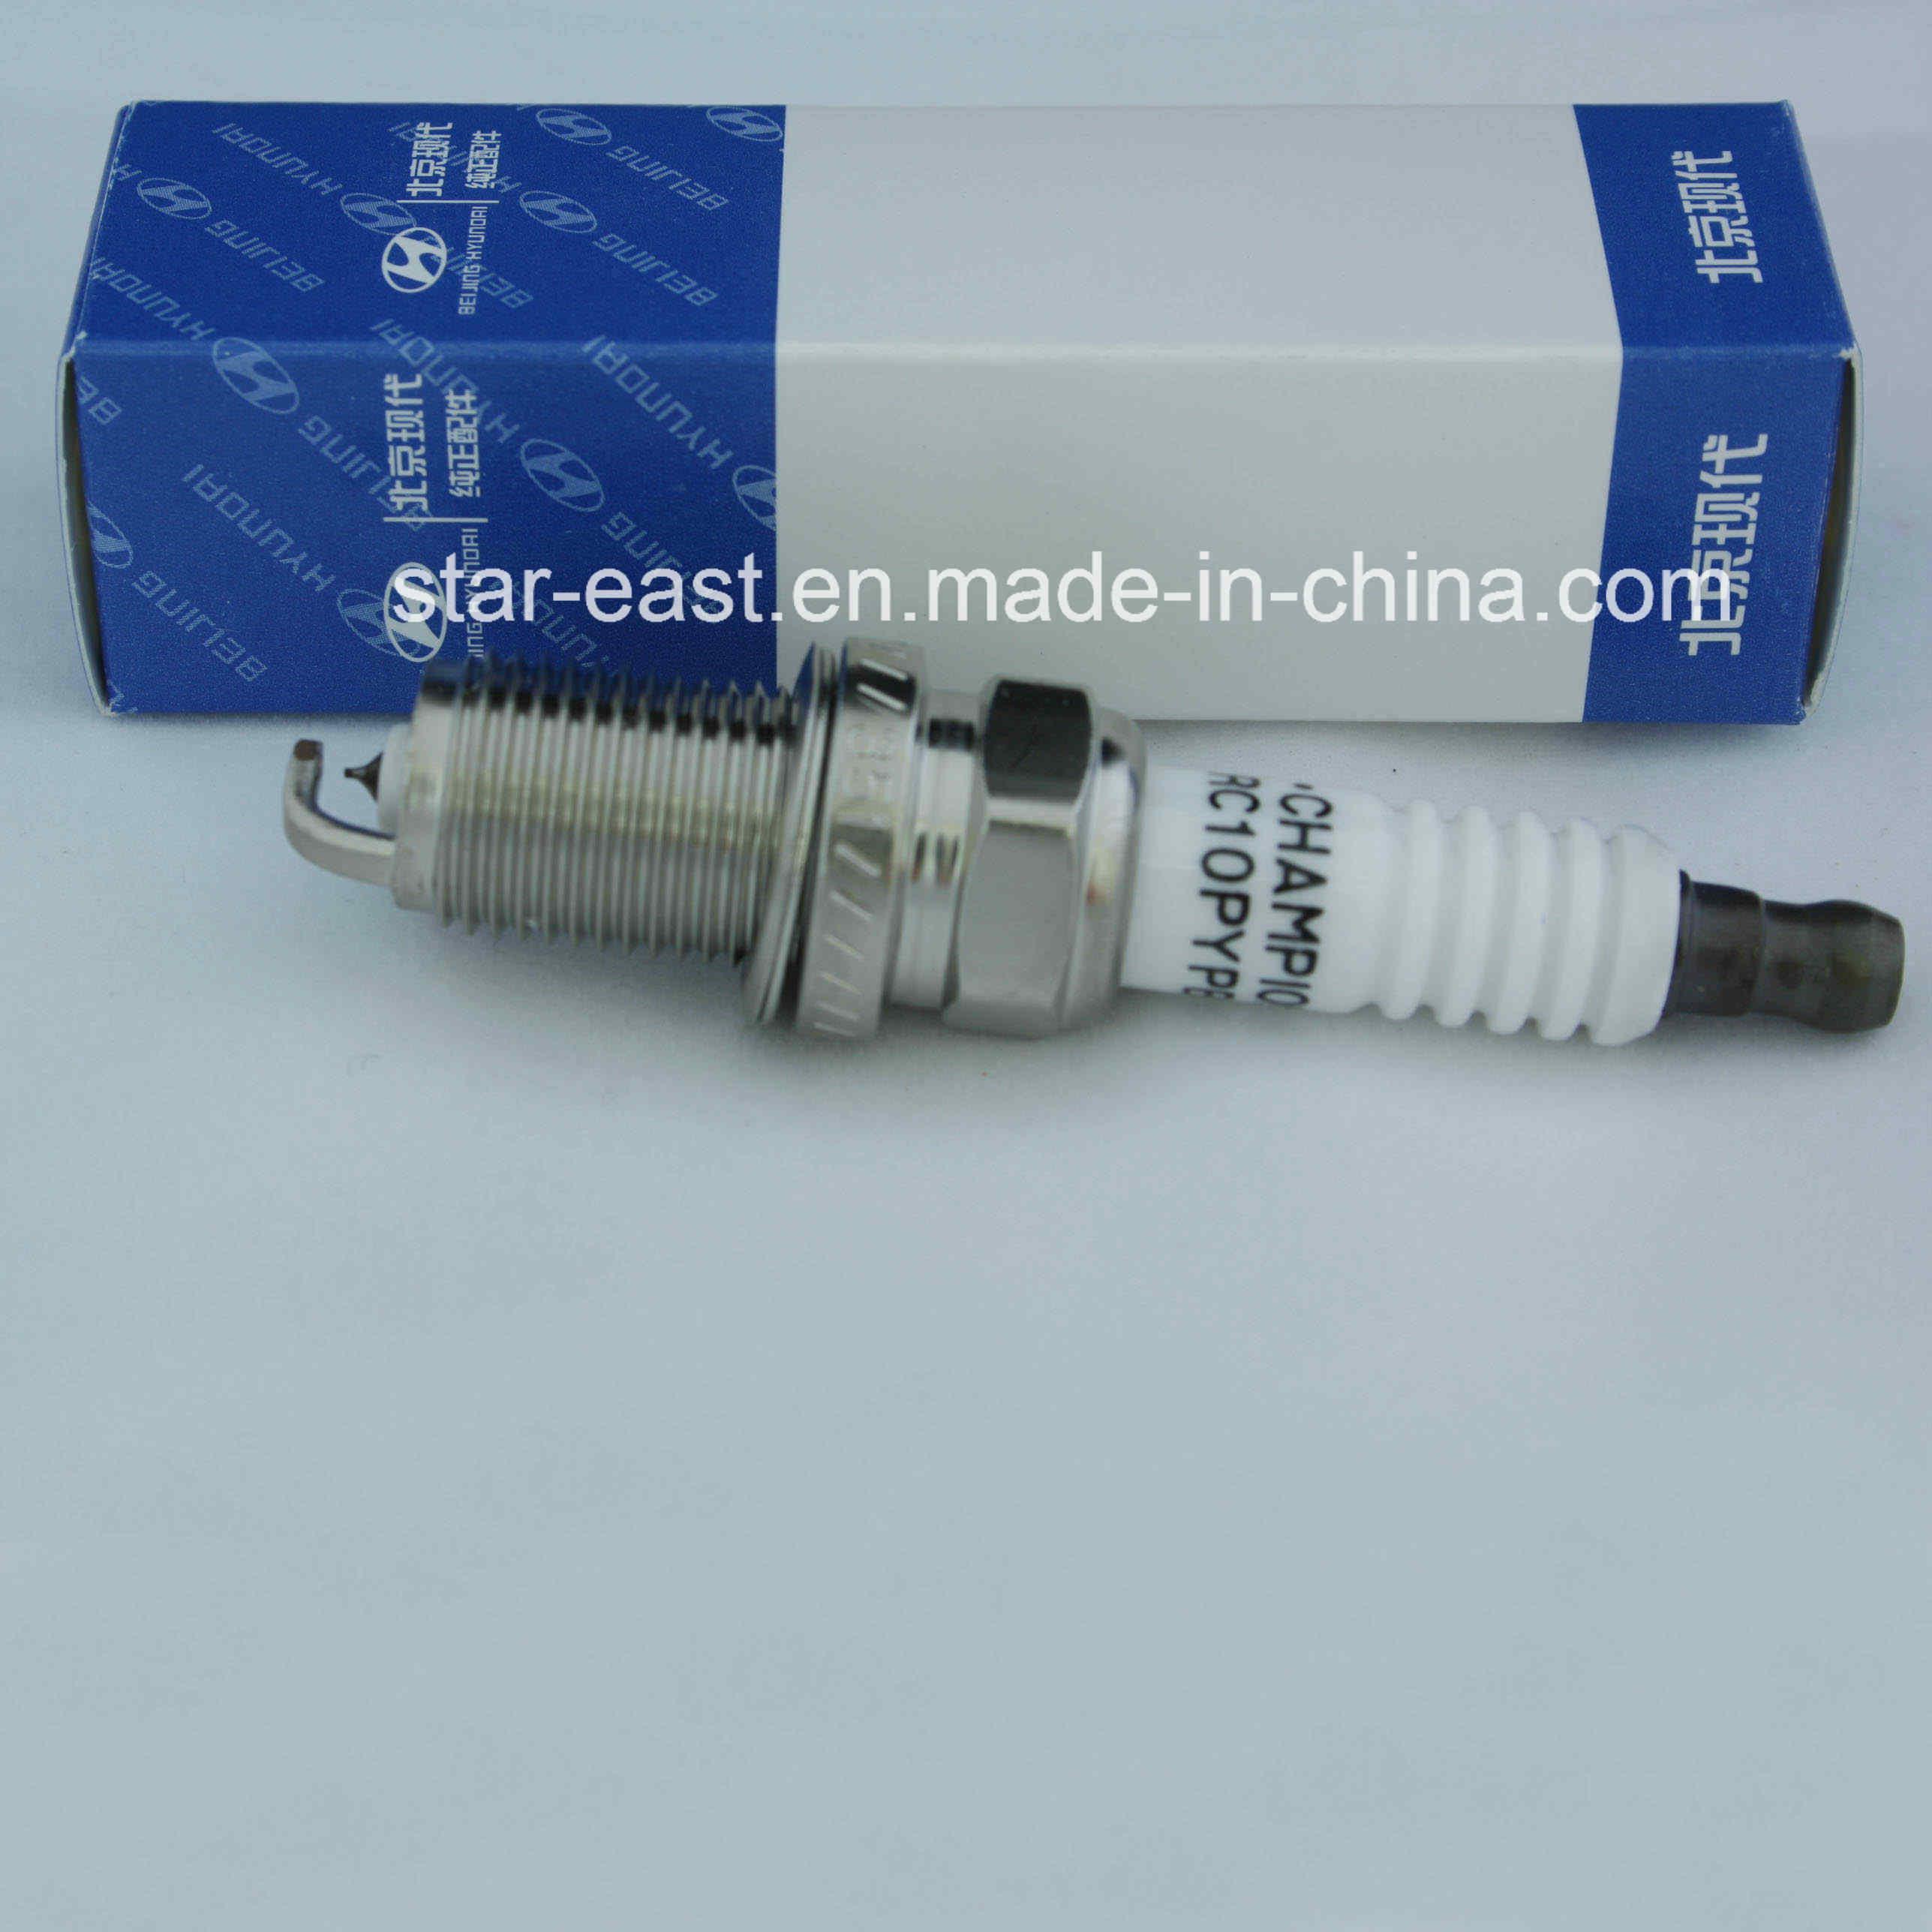 Iridium Power Spark Plug for 18814 11051 Hyundai/KIA